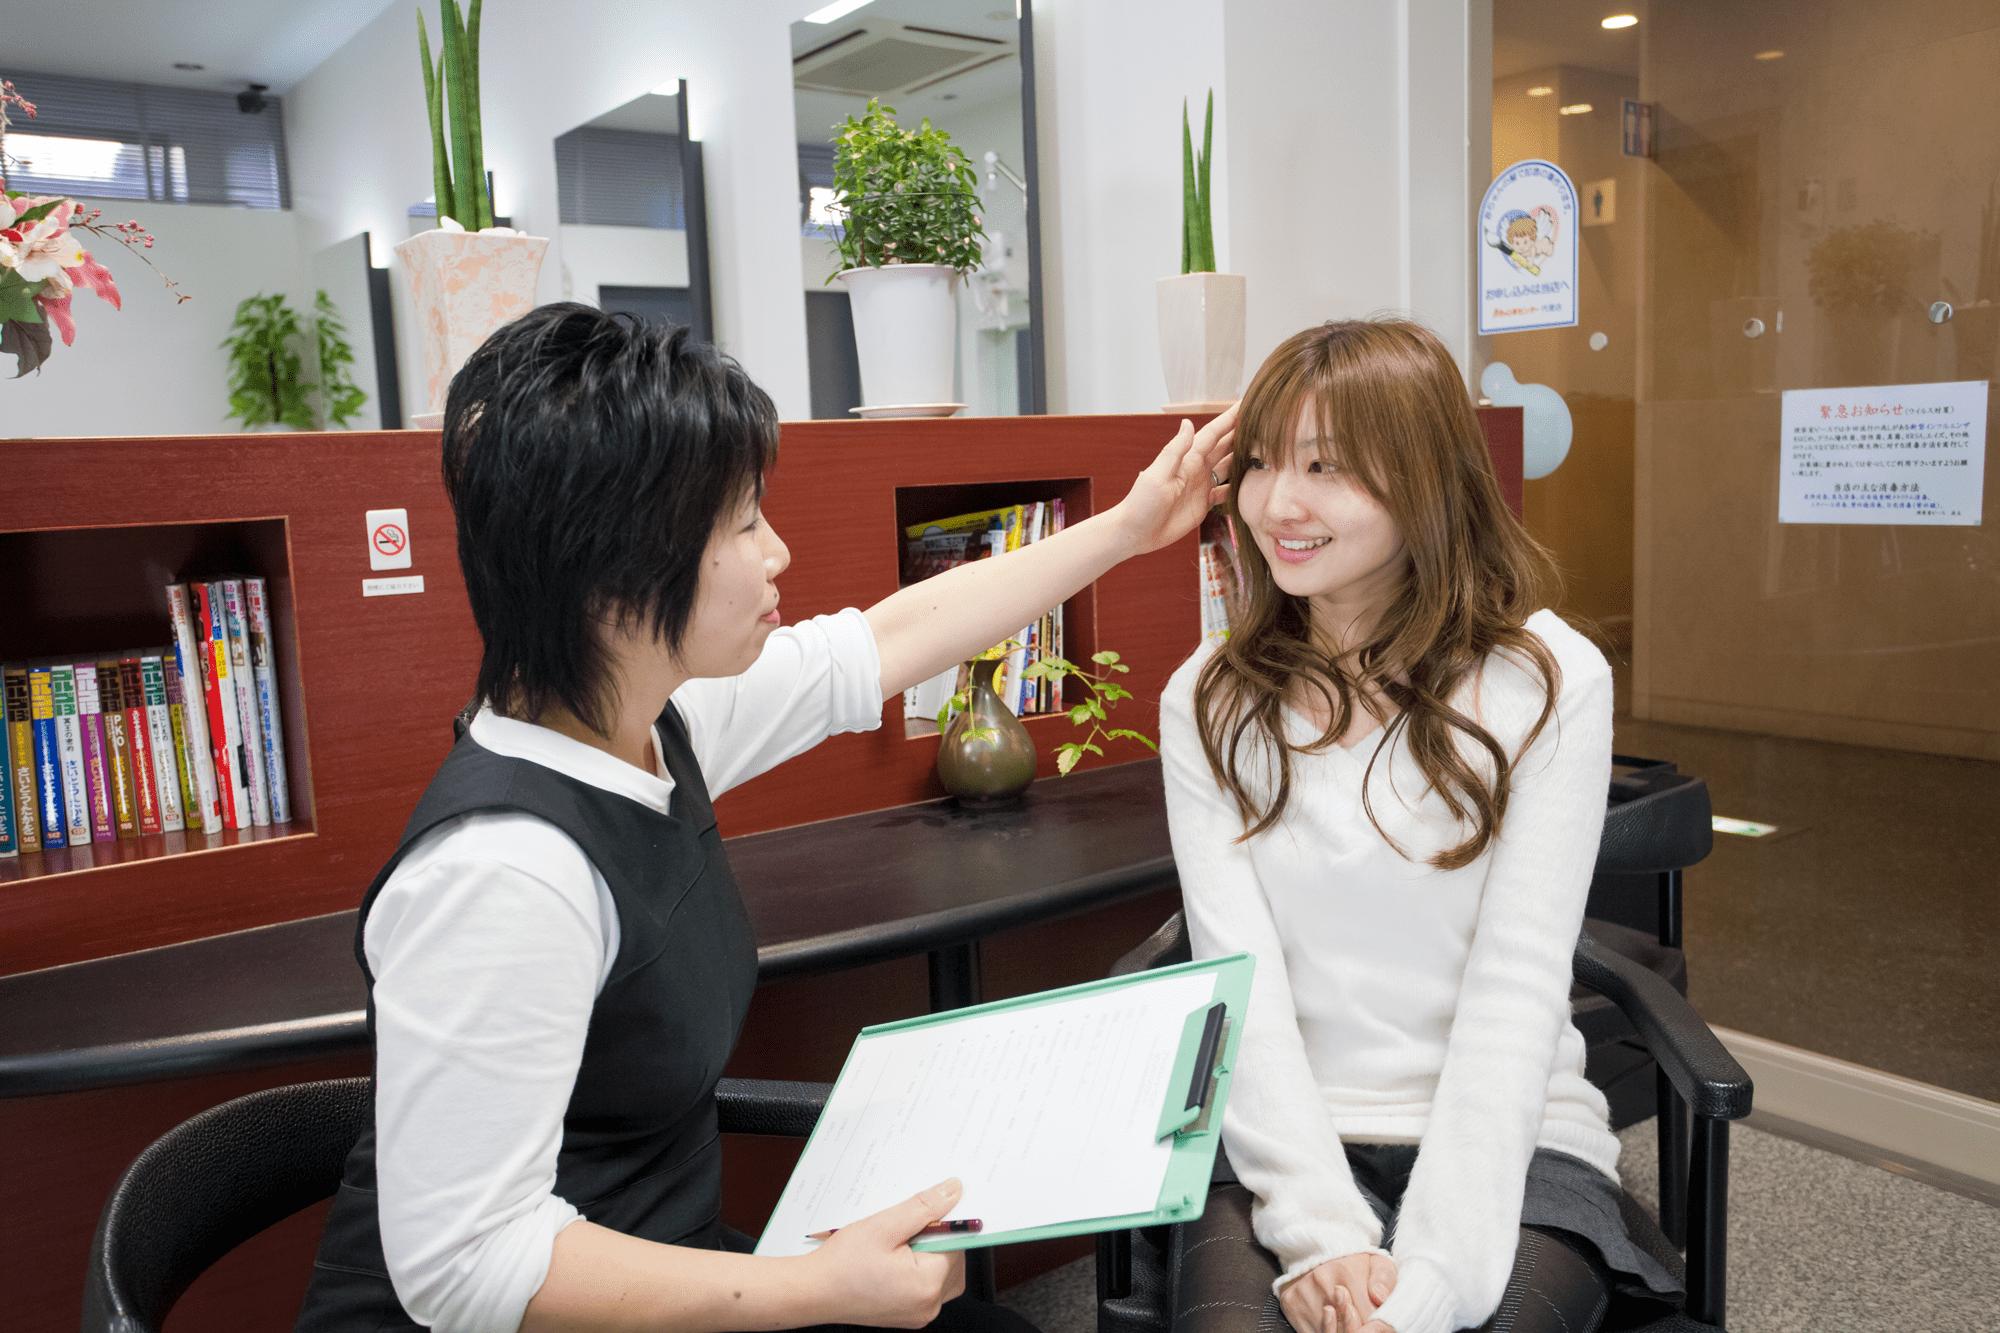 ブライダルシェービング10年以上の経験をもつ女性理容師が確かな技術で対応